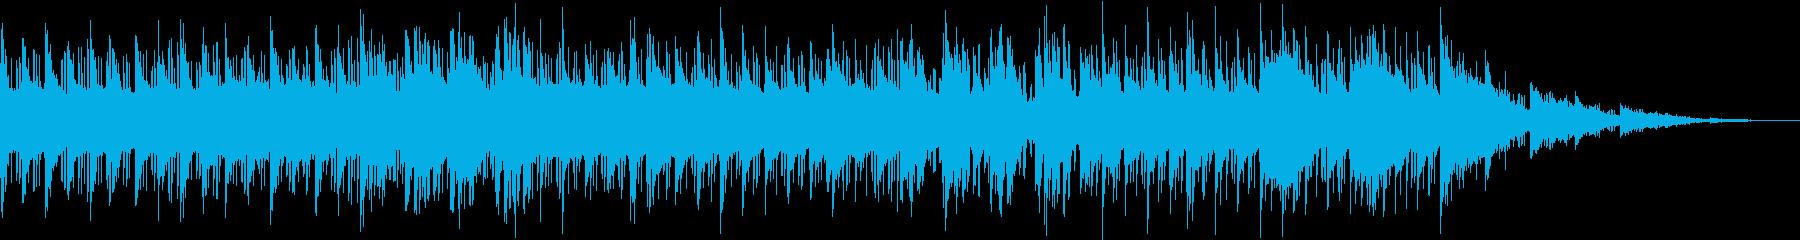 ASMR要素満載のおしゃれHIPHOPの再生済みの波形